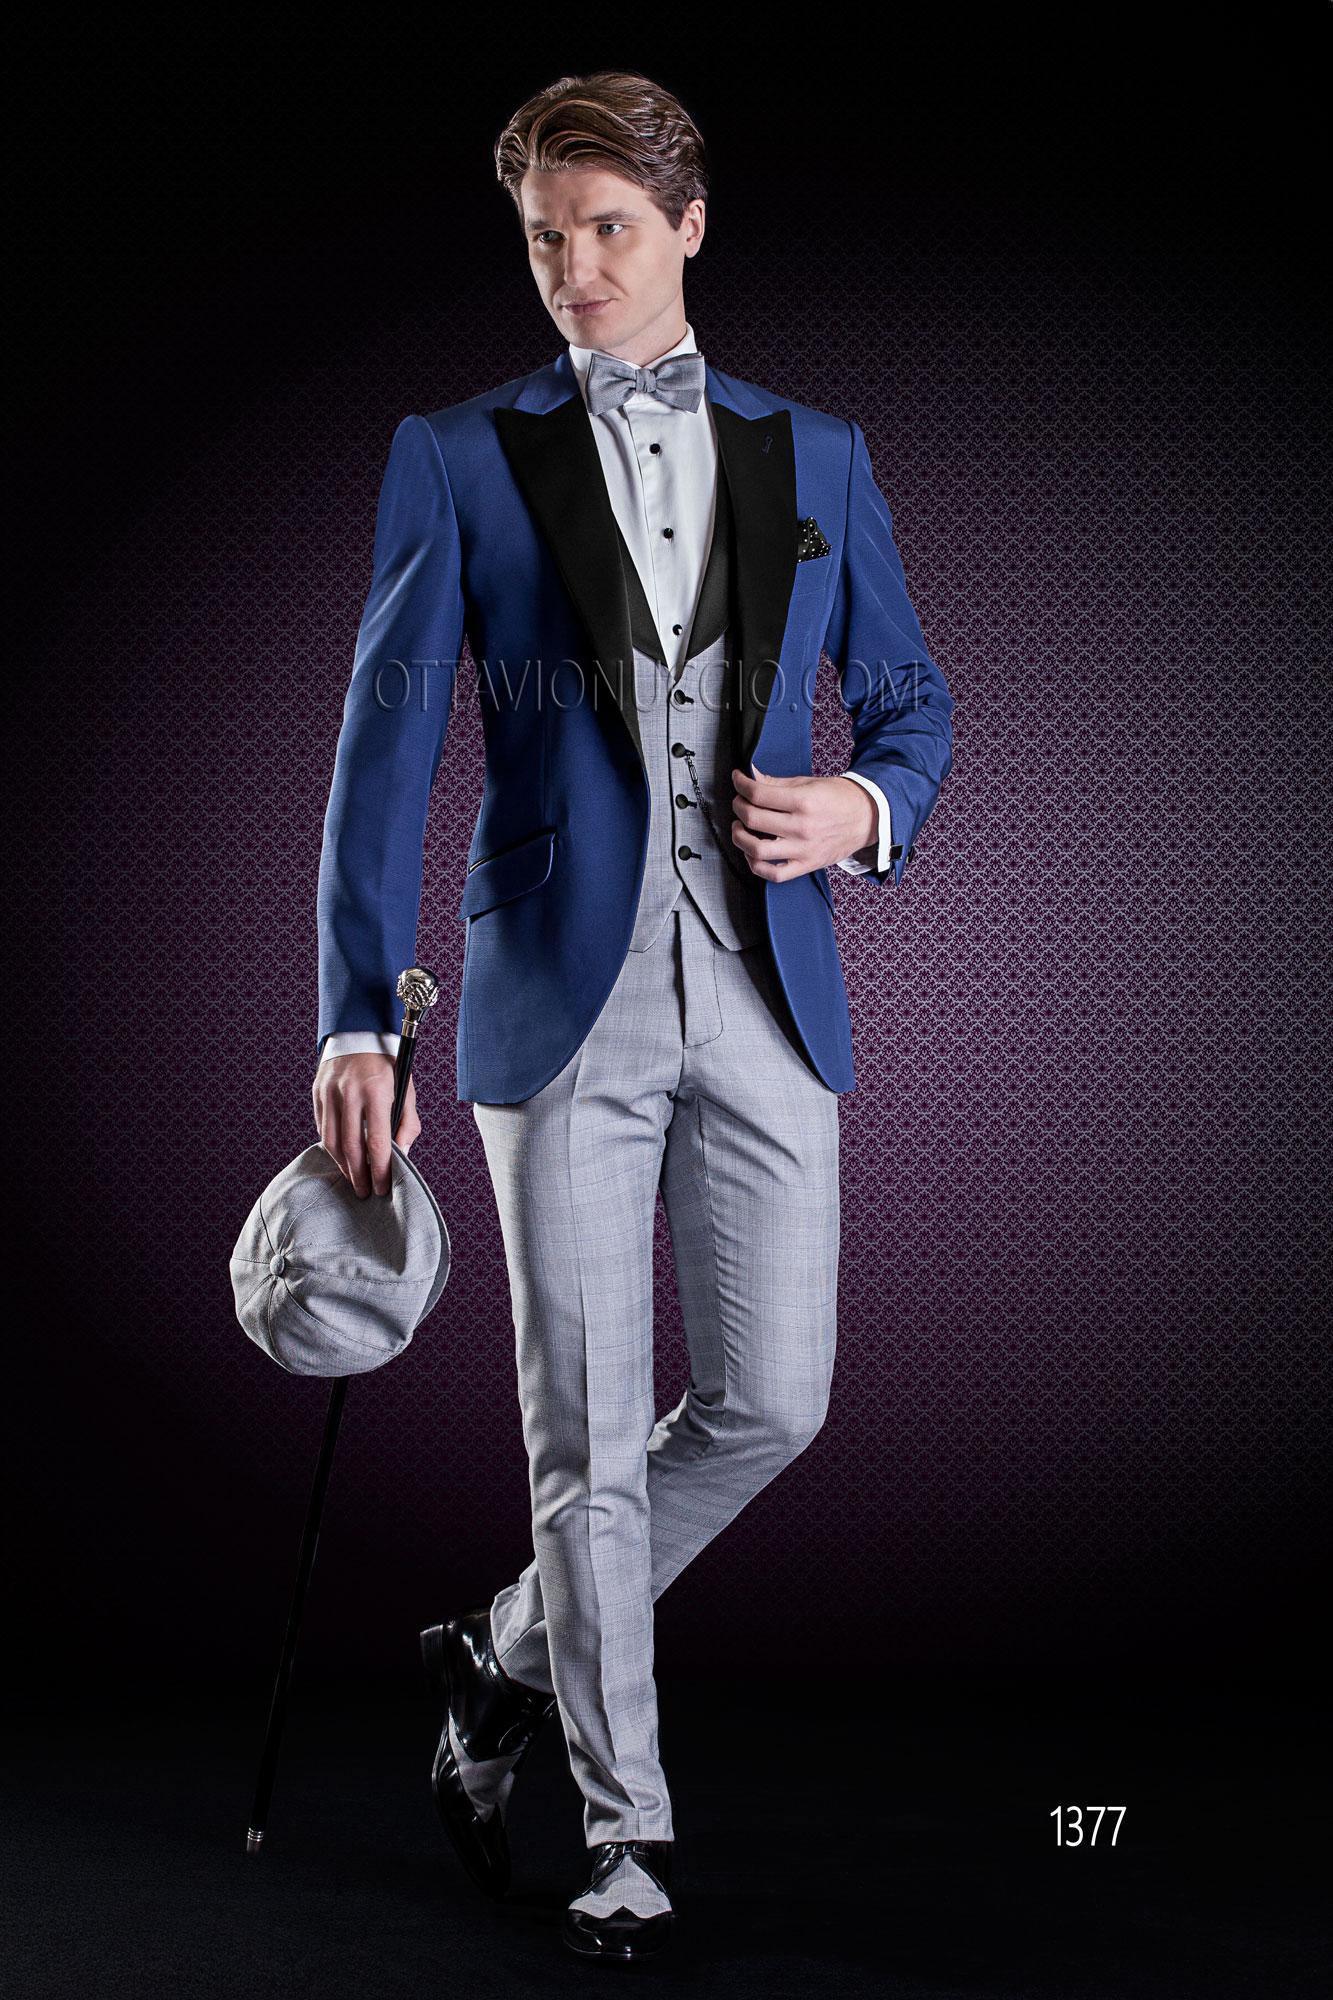 comprare on line 613fa 90321 Giacca uomo blu elettrico rever nero gilet e pantalone Principe di Galles